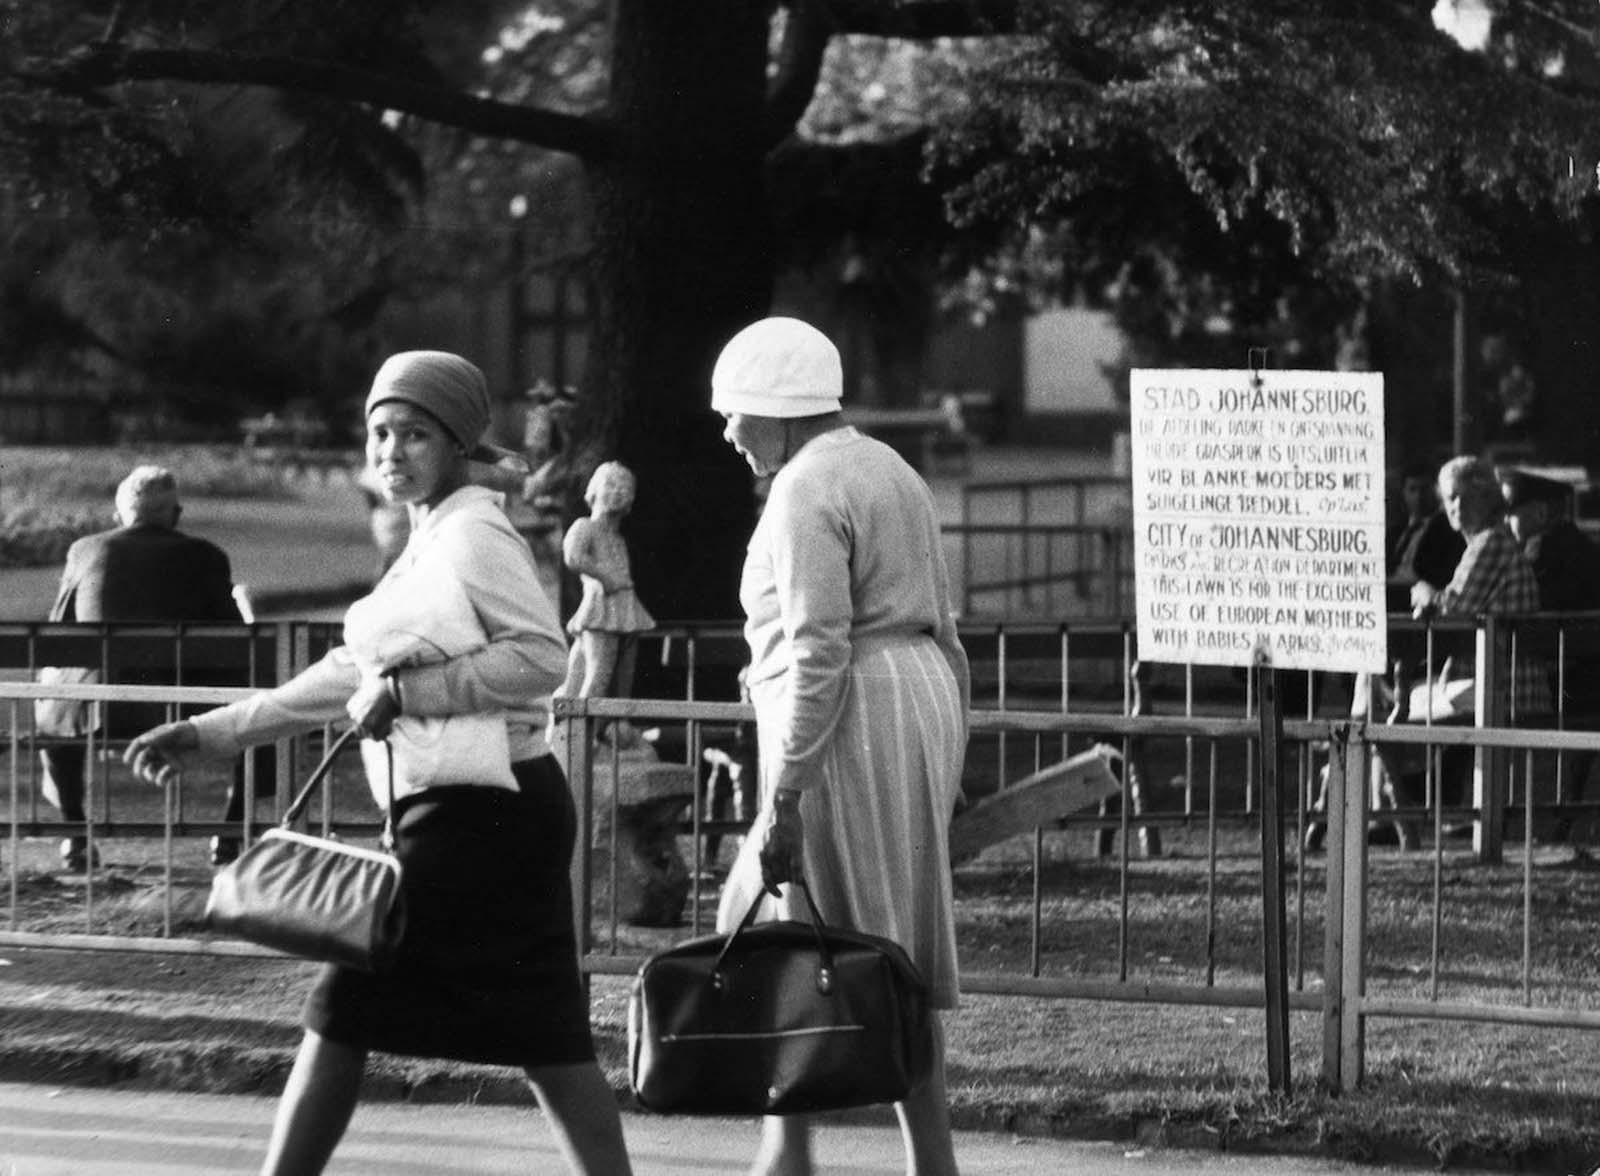 <p>1971, Йоханесбург: Място в парка, отделено само за европейски жени с бебета.</p>